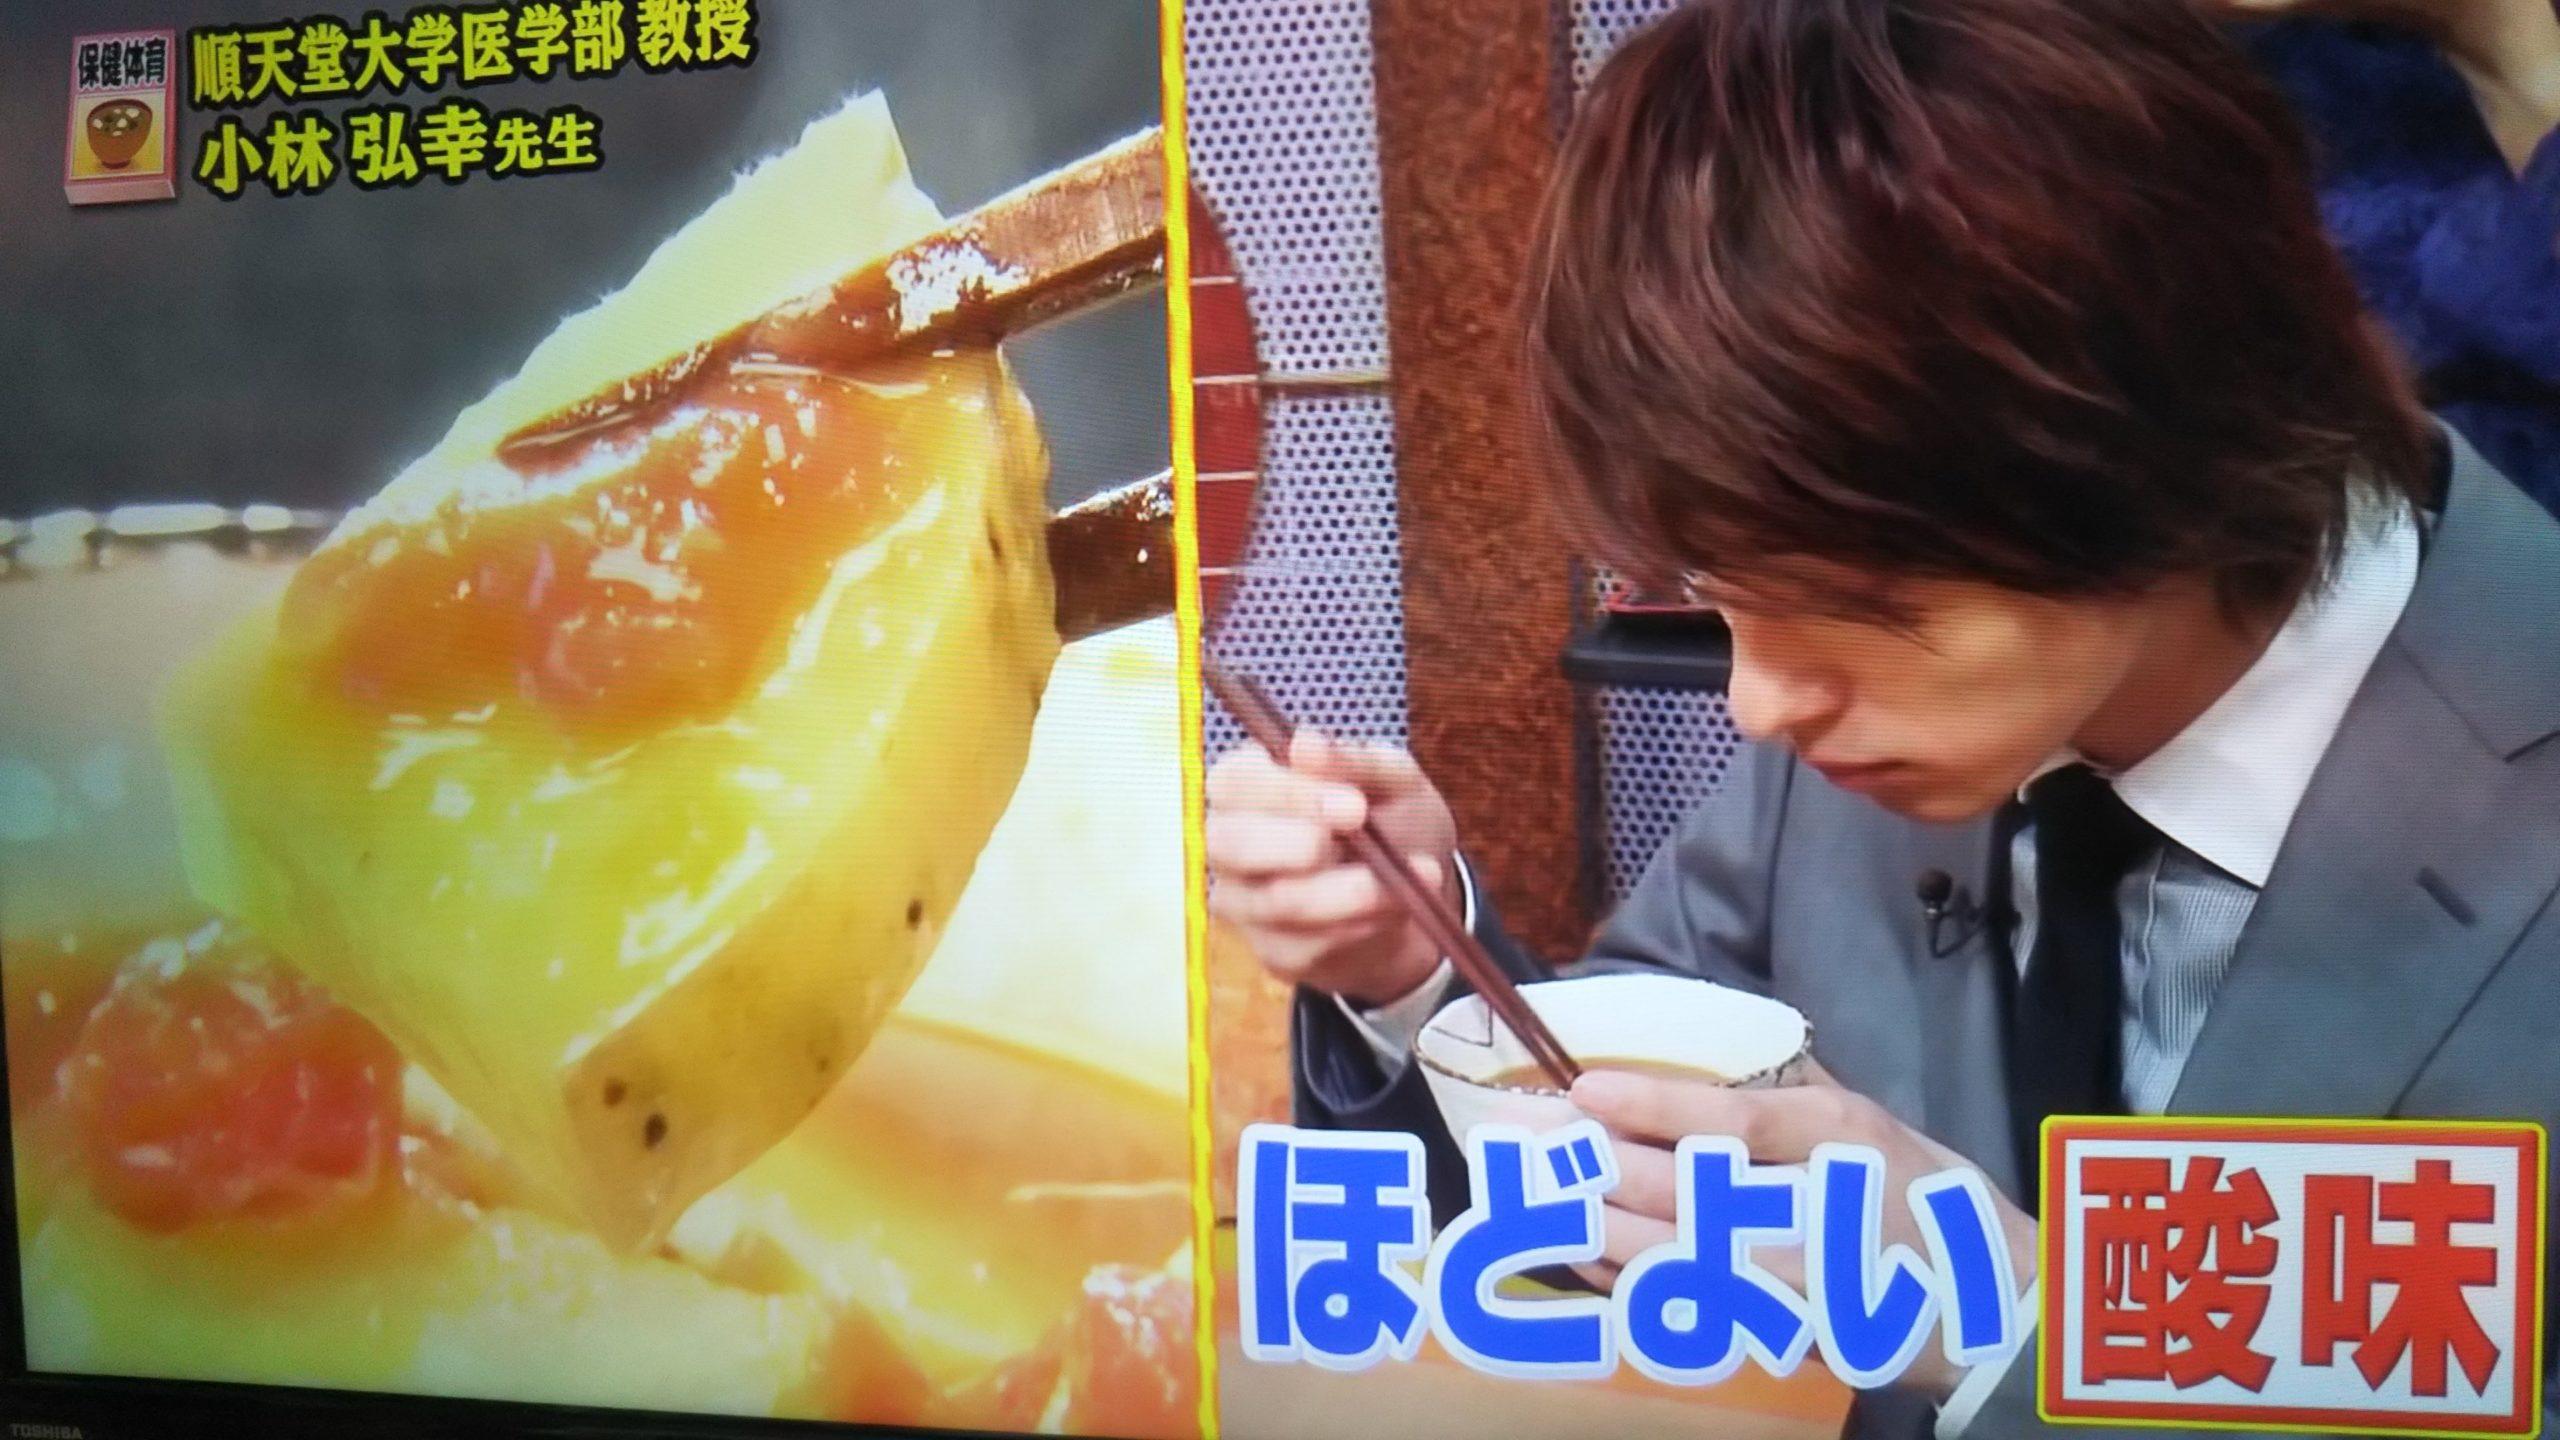 横浜流星の箸の持ち方が悪いし汚い画像